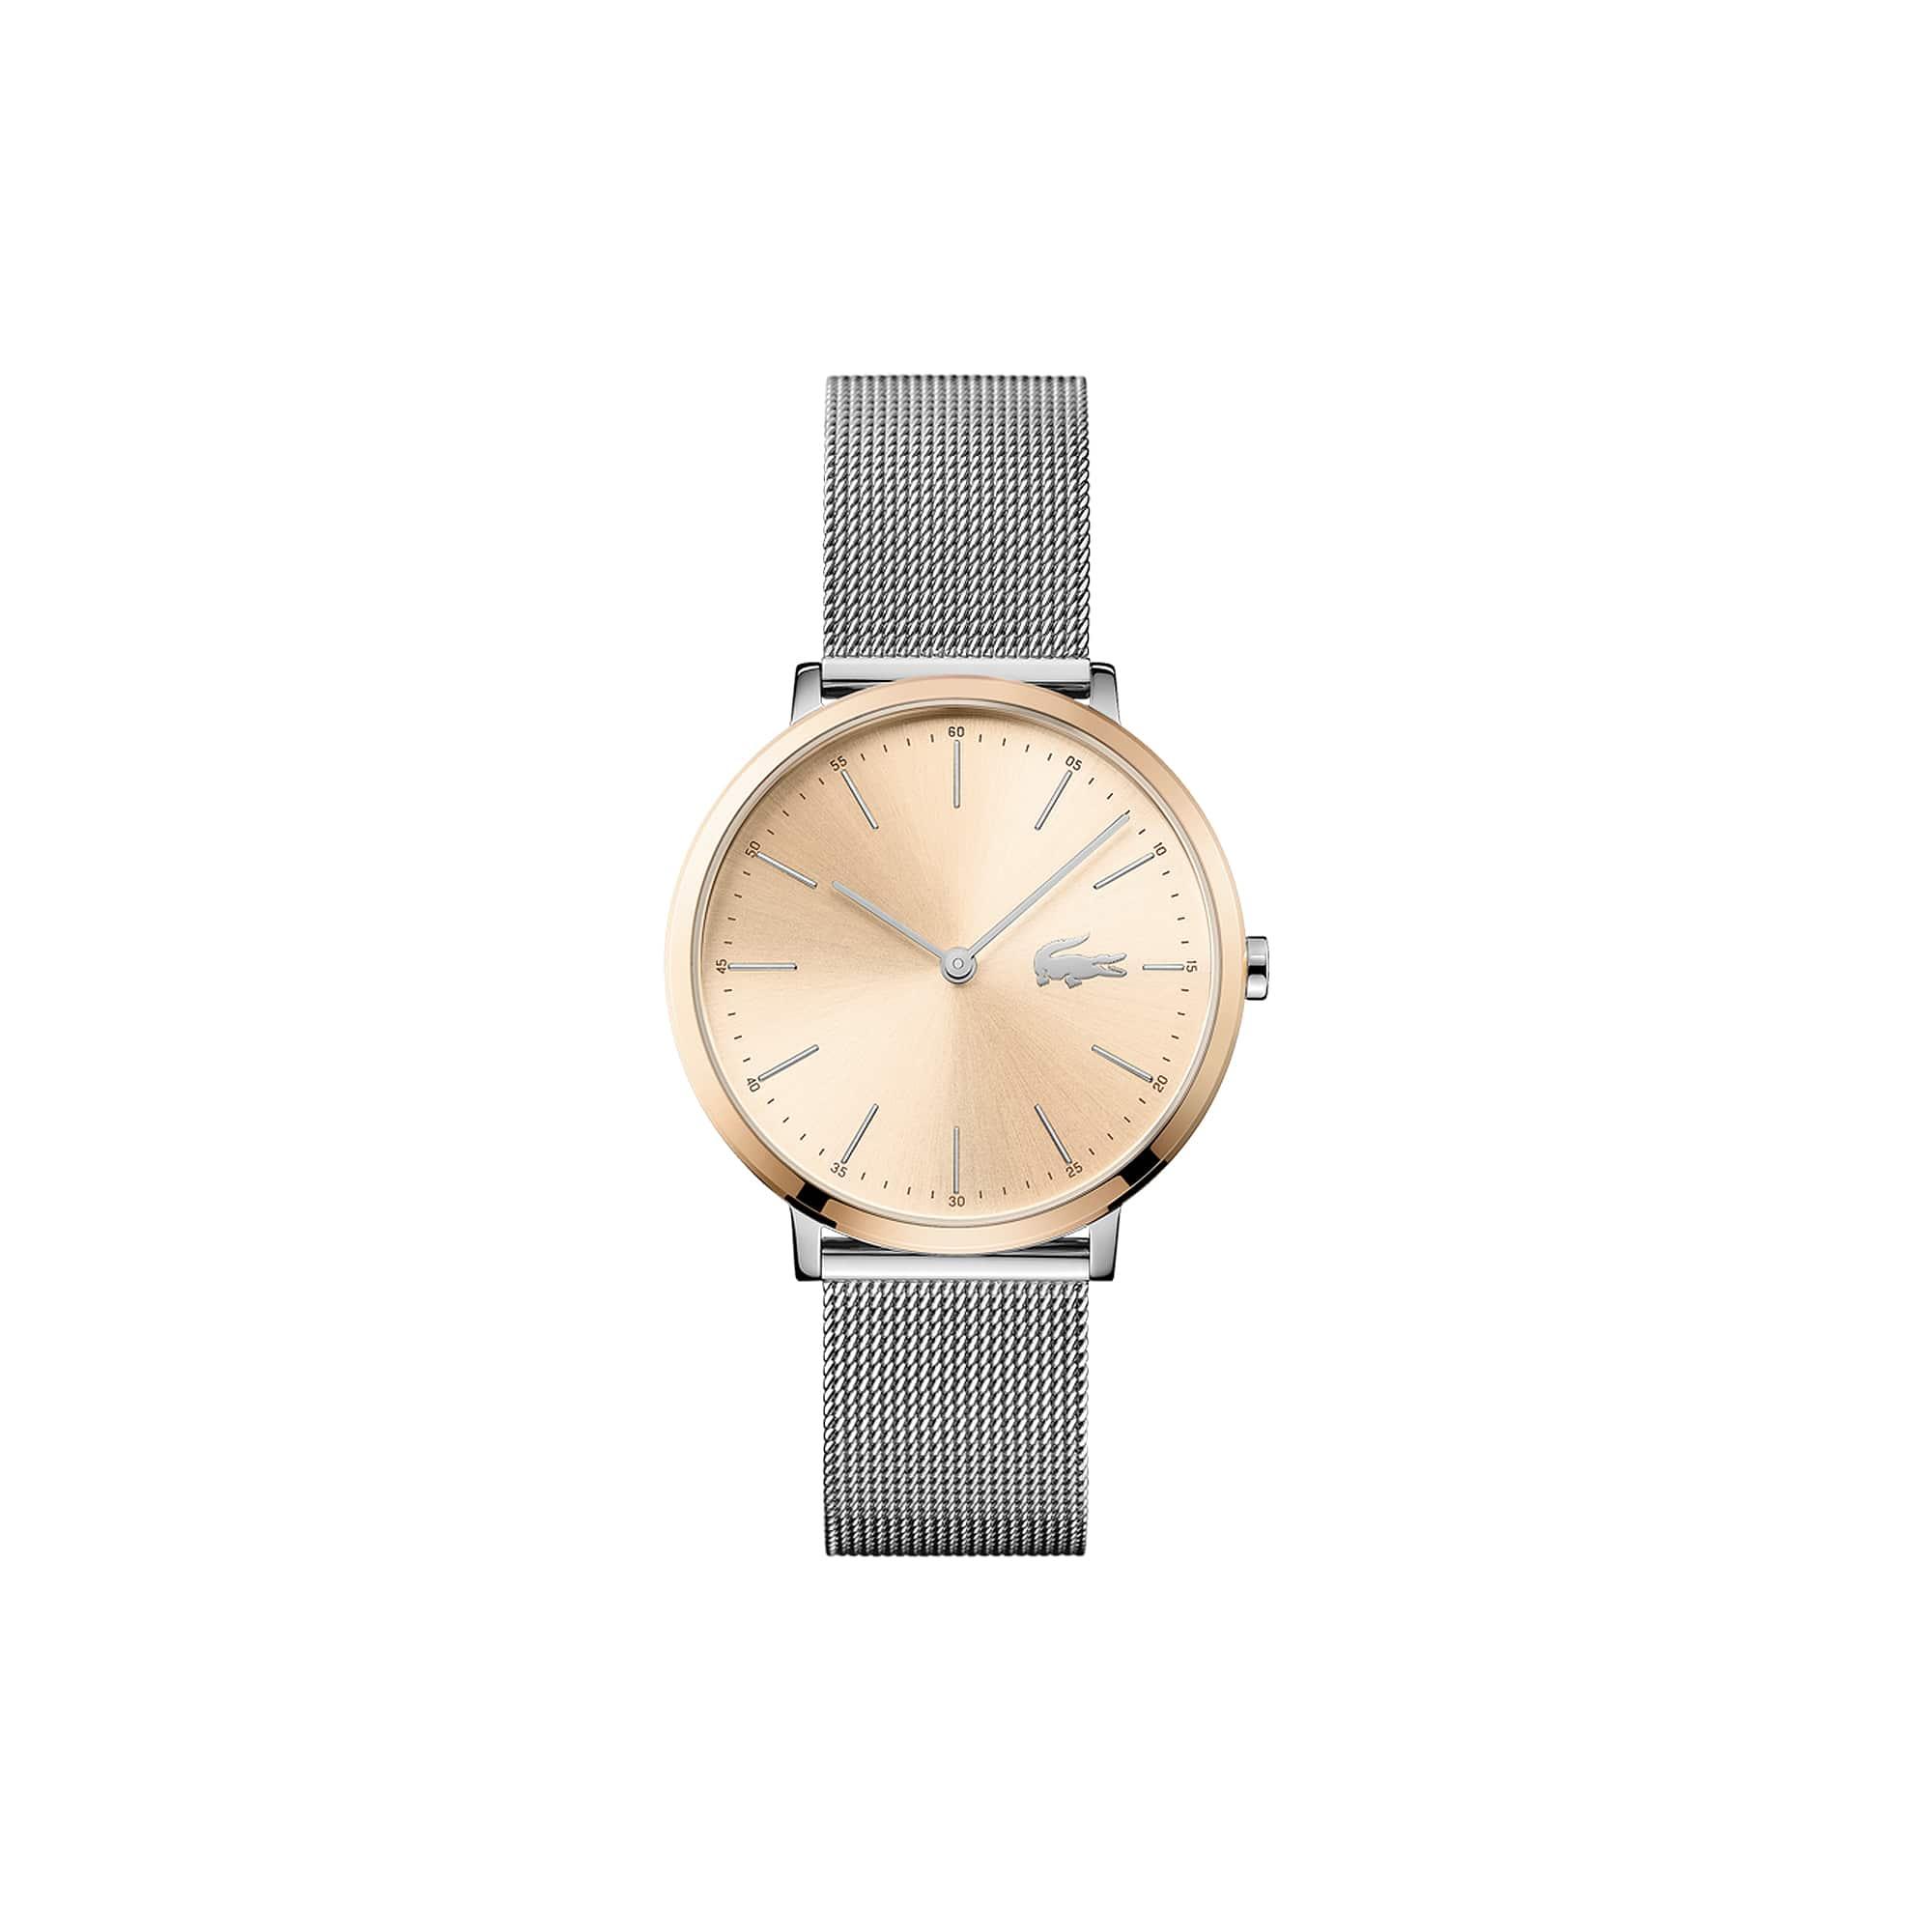 Relógio Moon Senhora com Bracelete em Mesh Prata